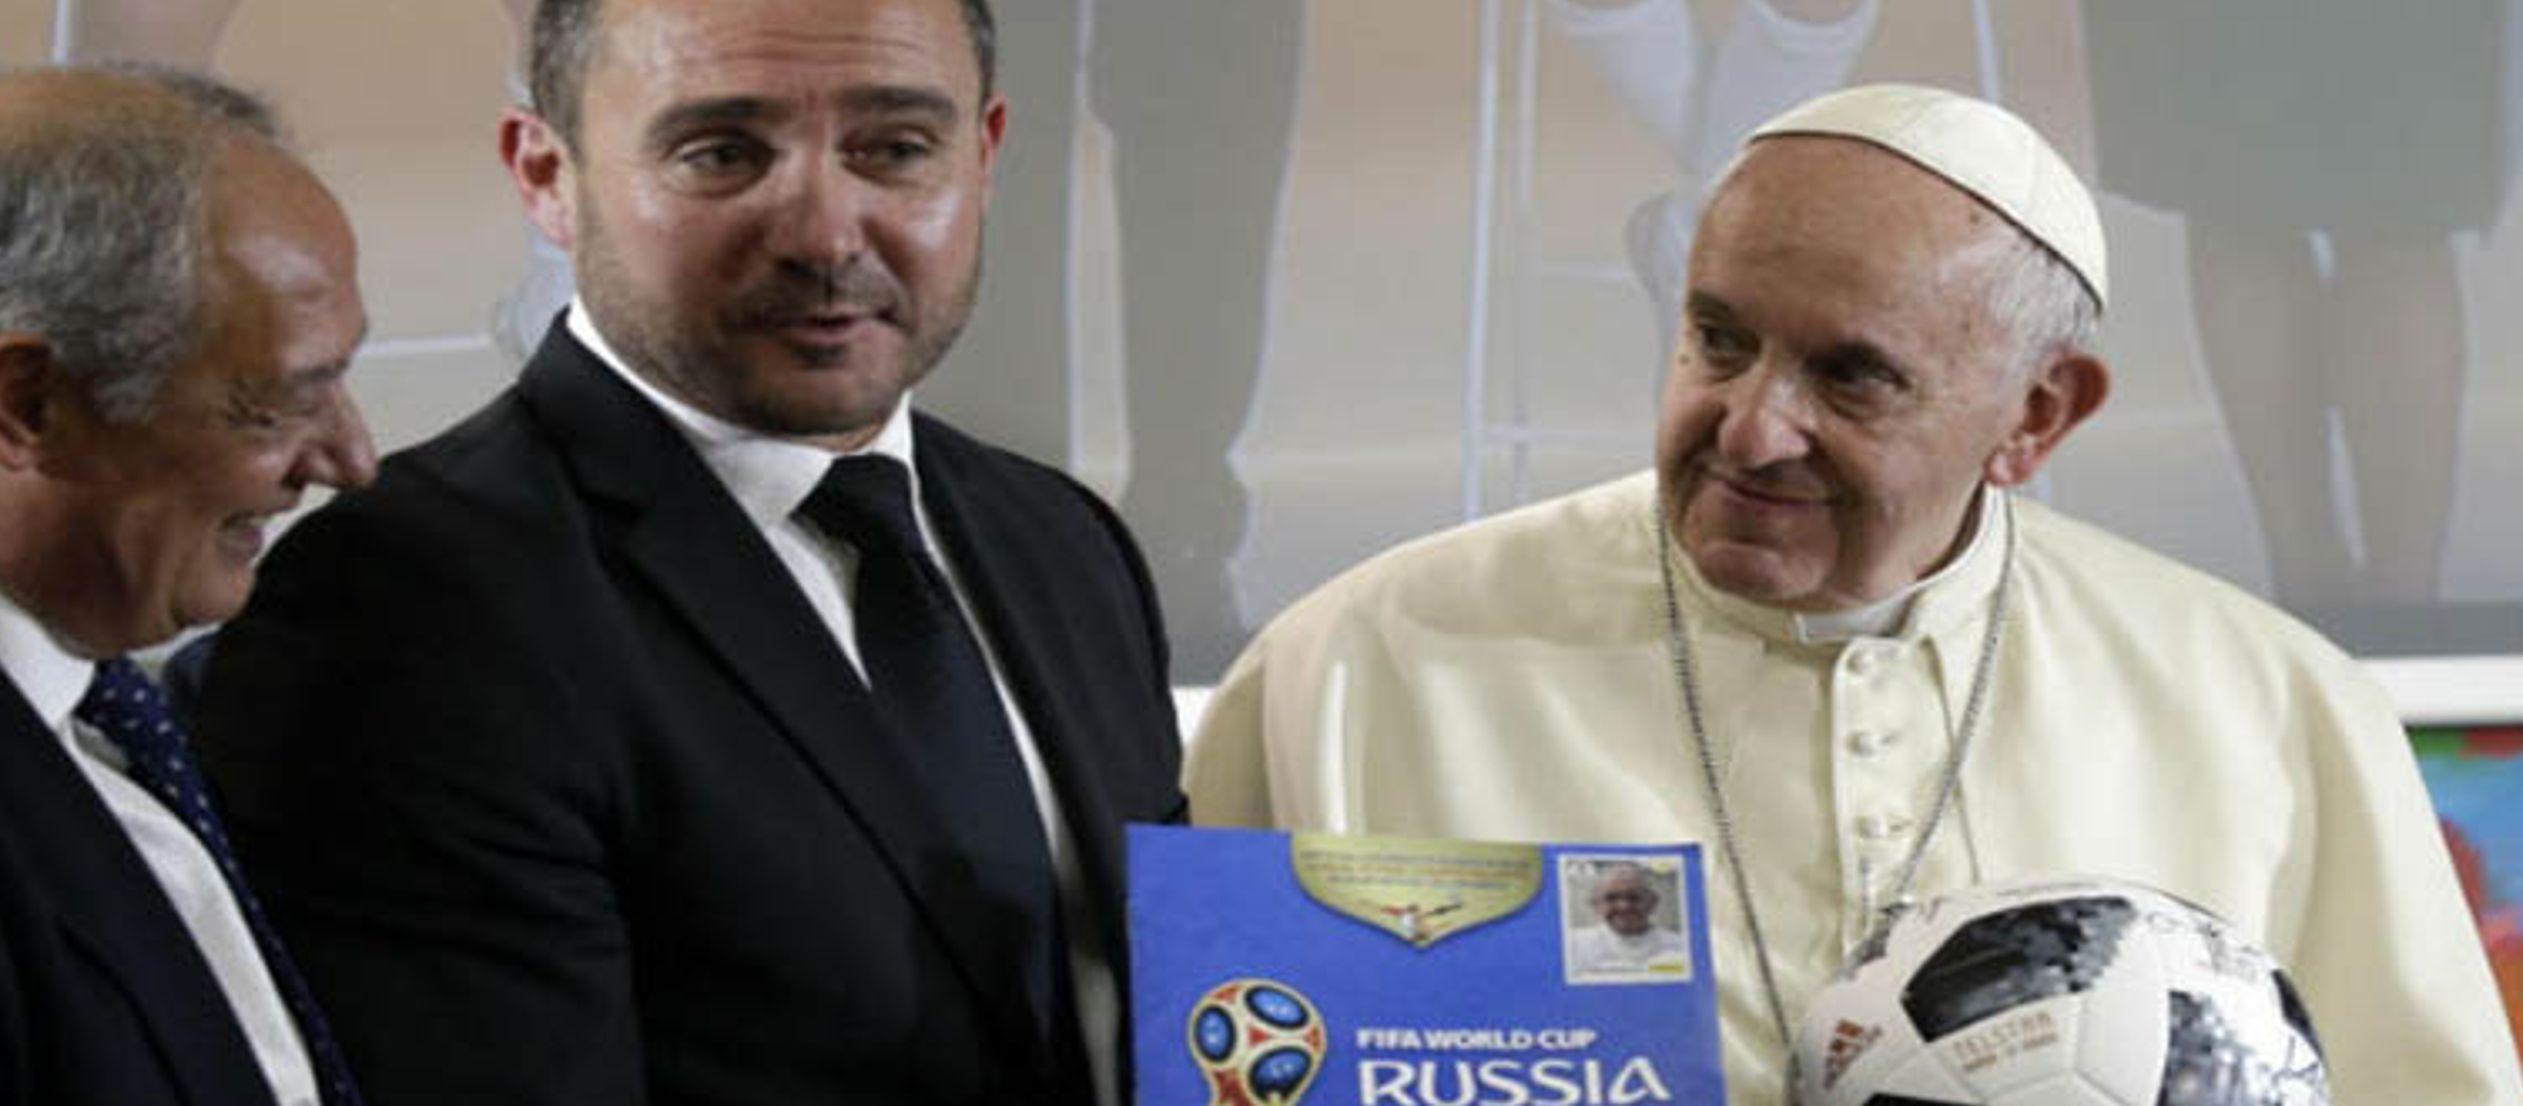 """""""Mañana se abre el Mundial de fútbol de Rusia. Deseo enviar mu cordial saludo a..."""